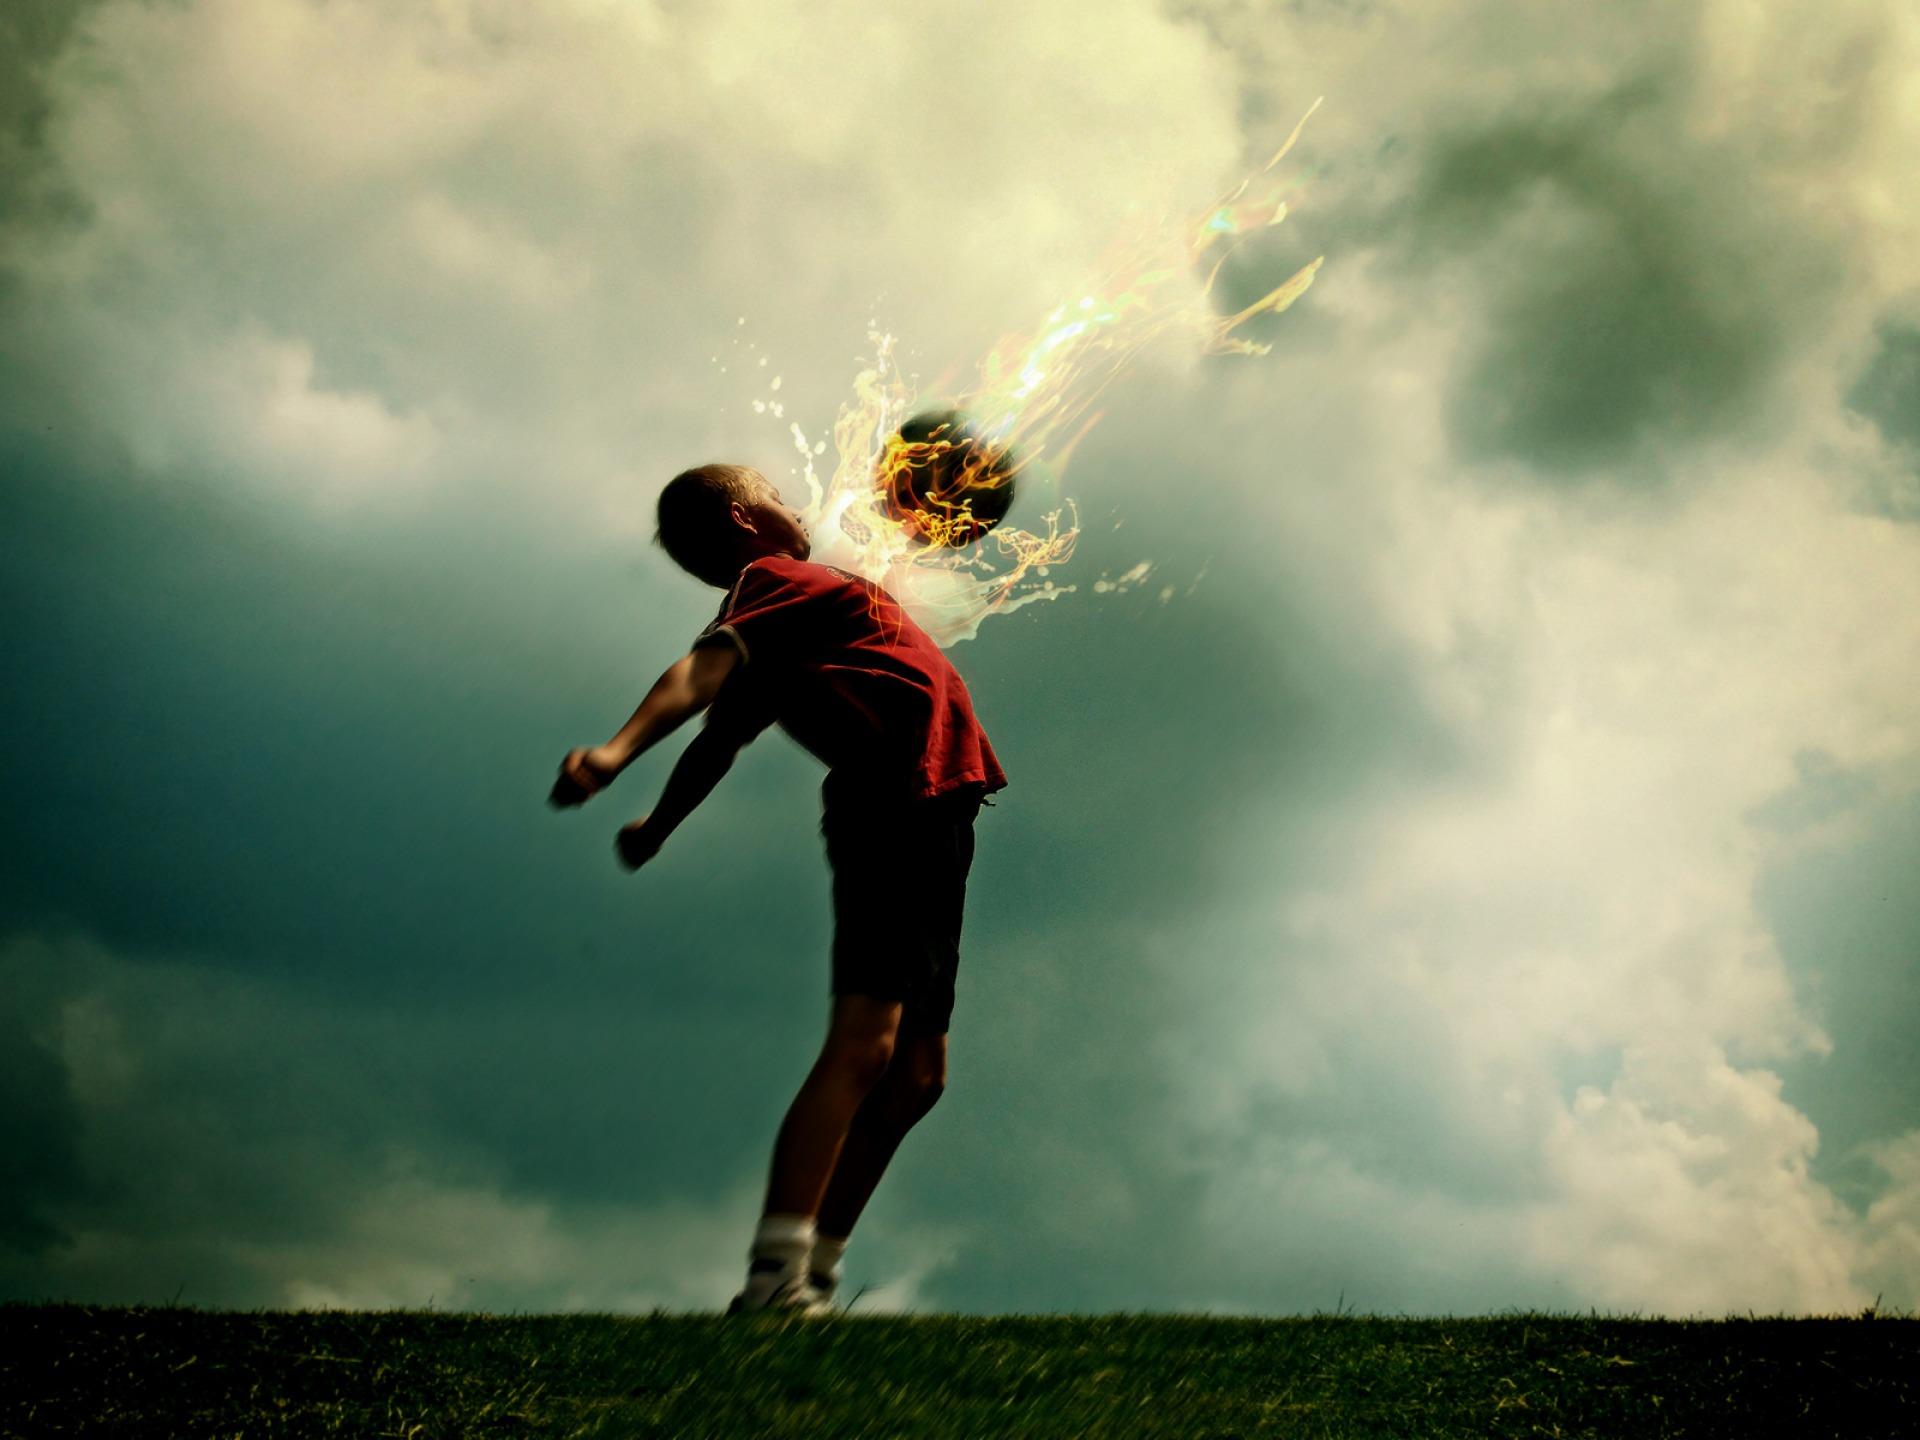 fire ball wallpaper football